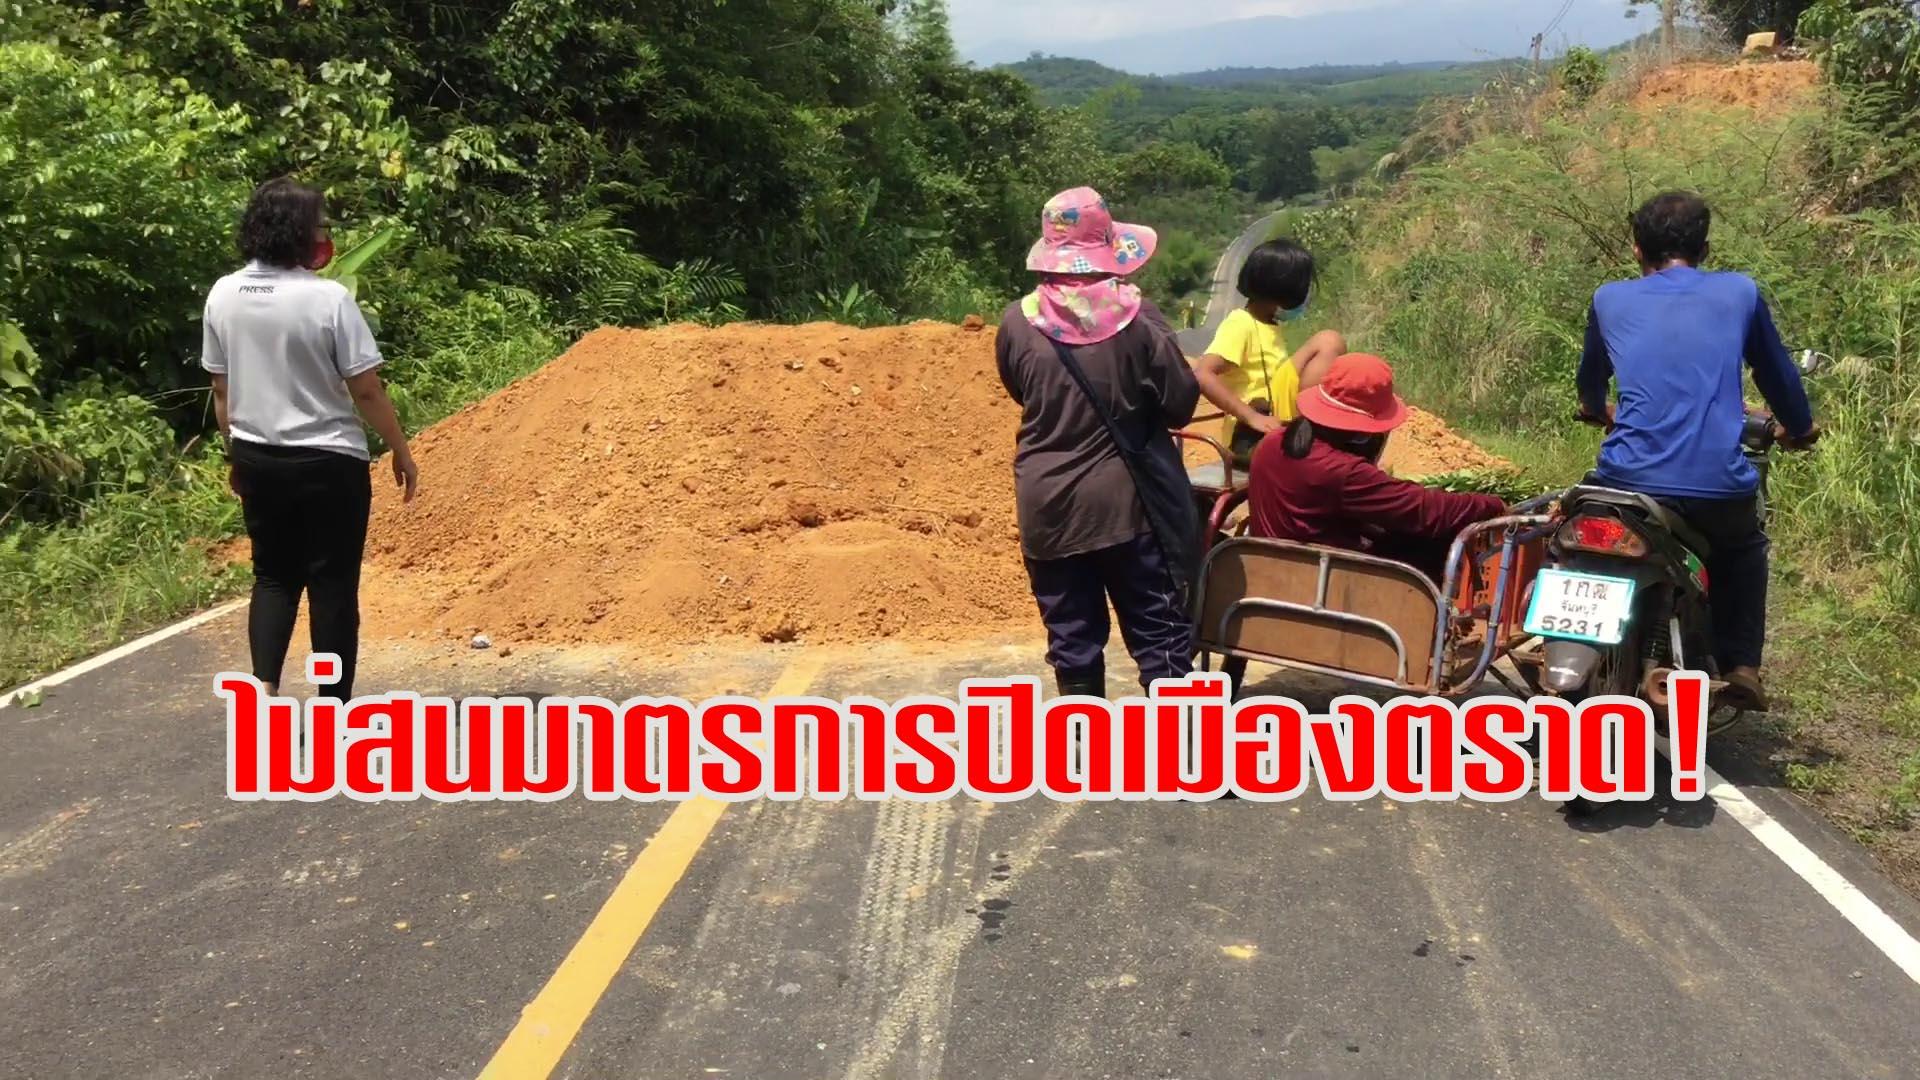 ไม่สนมาตรการปิดเมือง! พบชาวบ้าน-ต่างด้าวลอบใช้เส้นทางหมู่บ้านดอดเข้า จ.ตราด